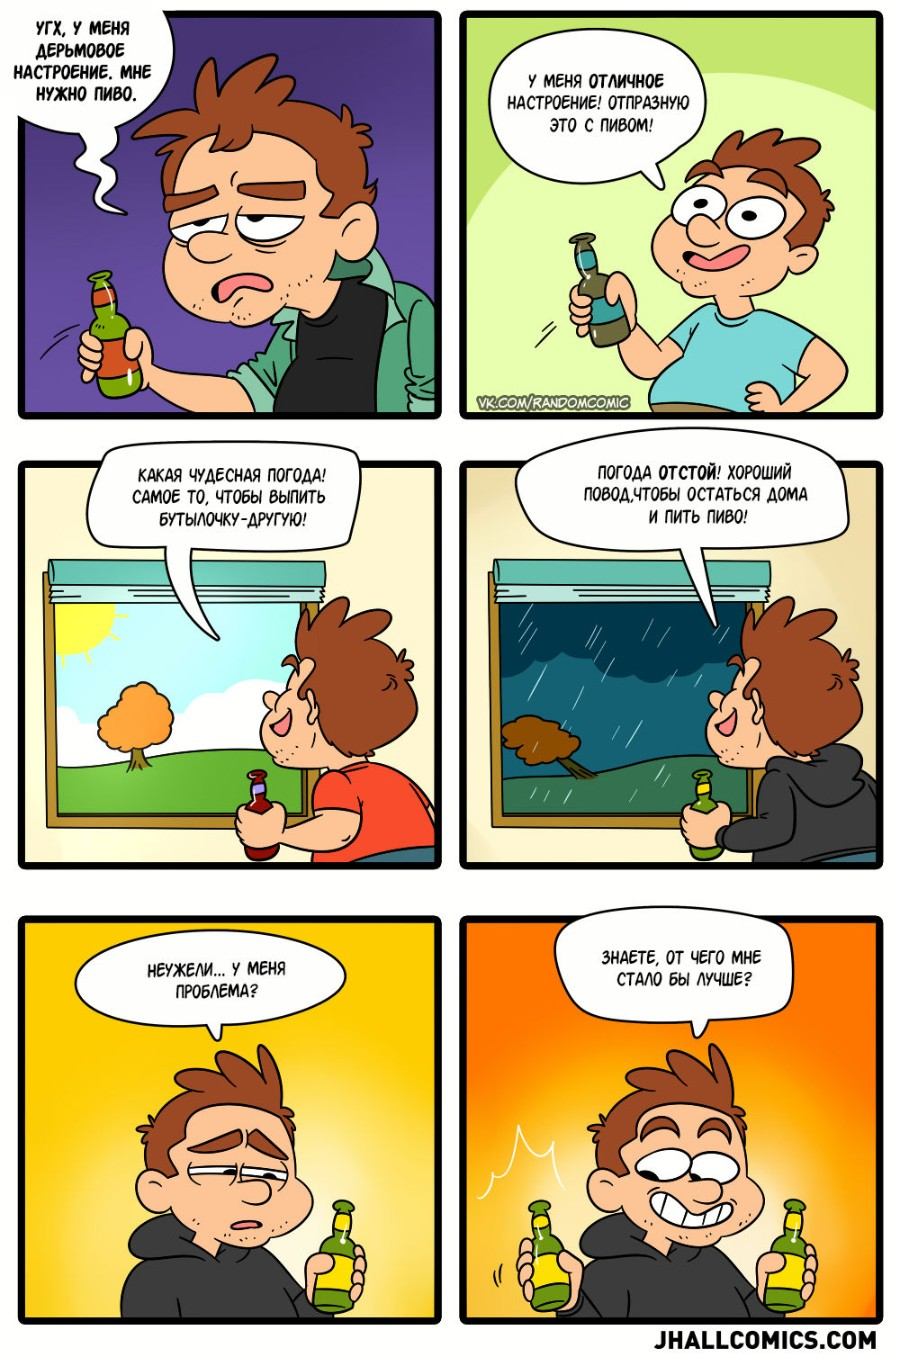 Пиво и настроение